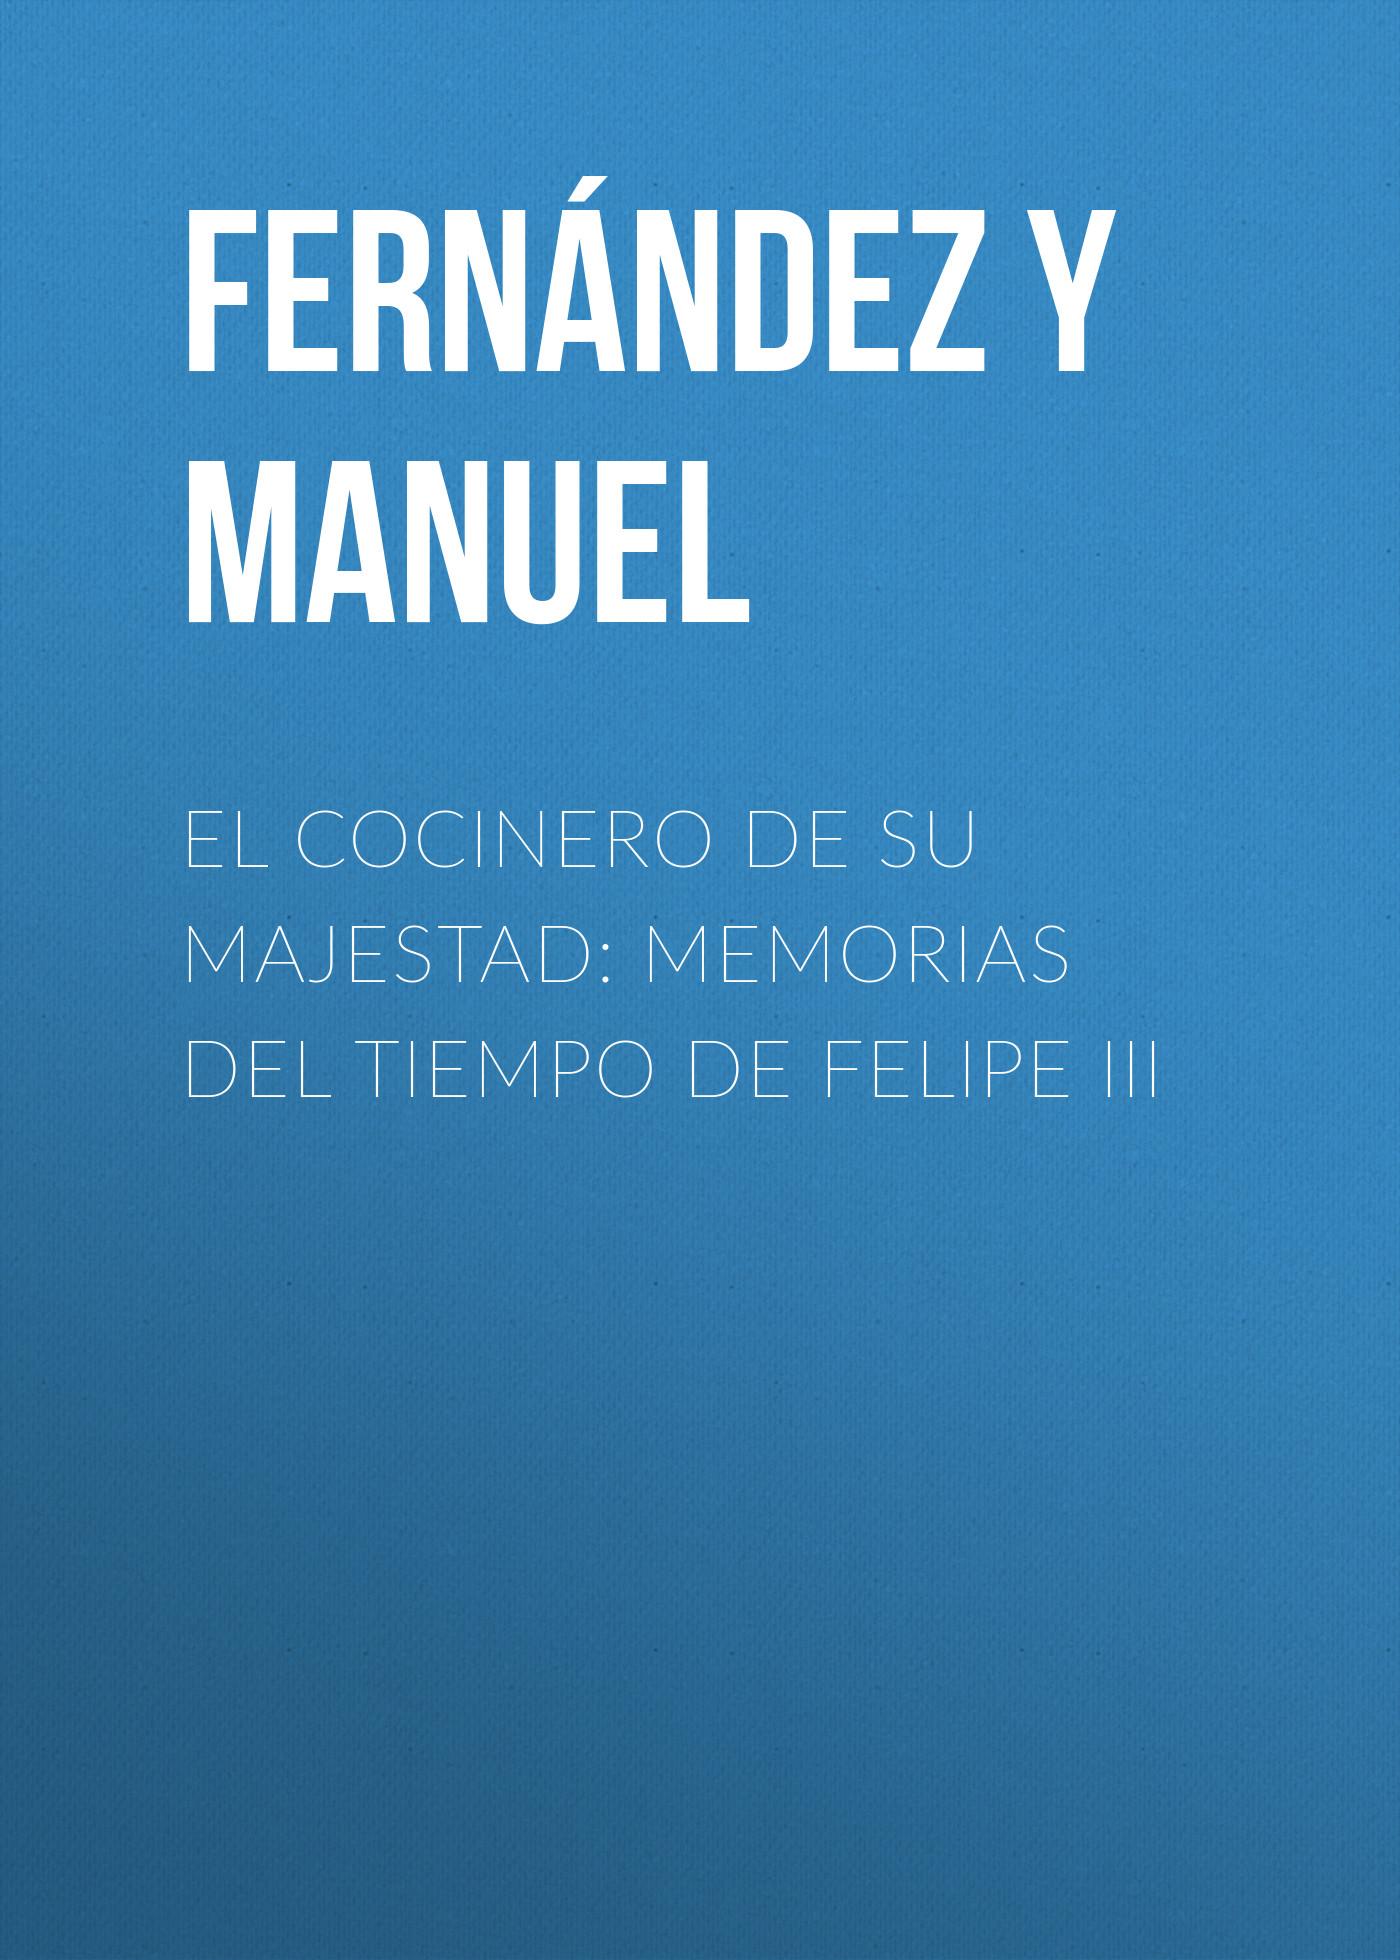 Fernández y González Manuel El cocinero de su majestad: Memorias del tiempo de Felipe III fernández y gonzález manuel el cocinero de su majestad memorias del tiempo de felipe iii